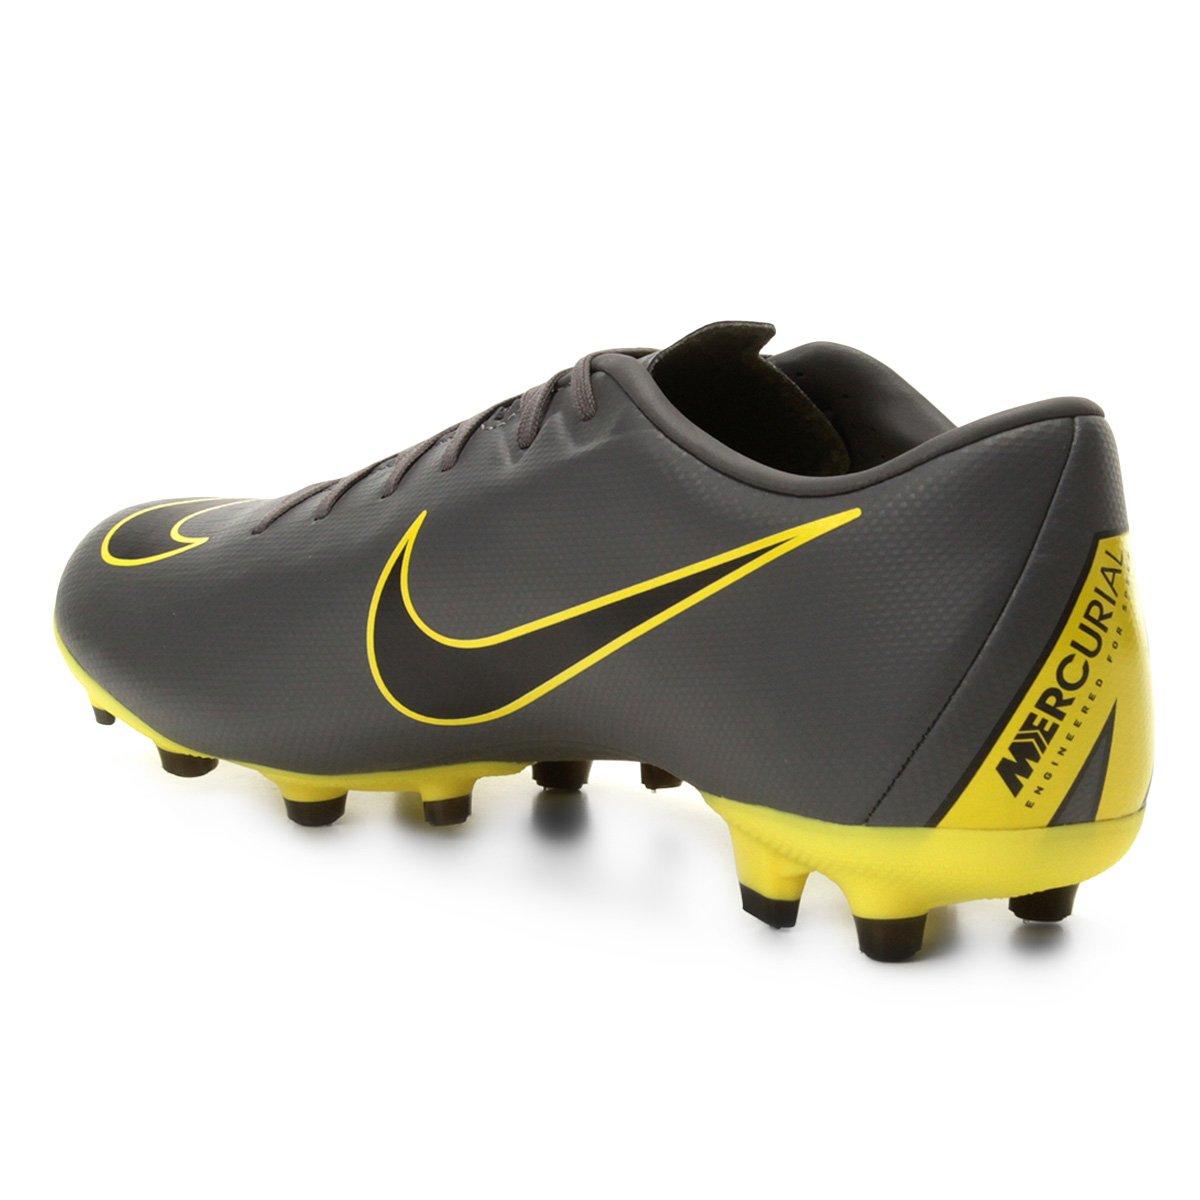 3ec5f6b28 Chuteira Campo Nike Vapor 12 Academy FG - Shopping TudoAzul